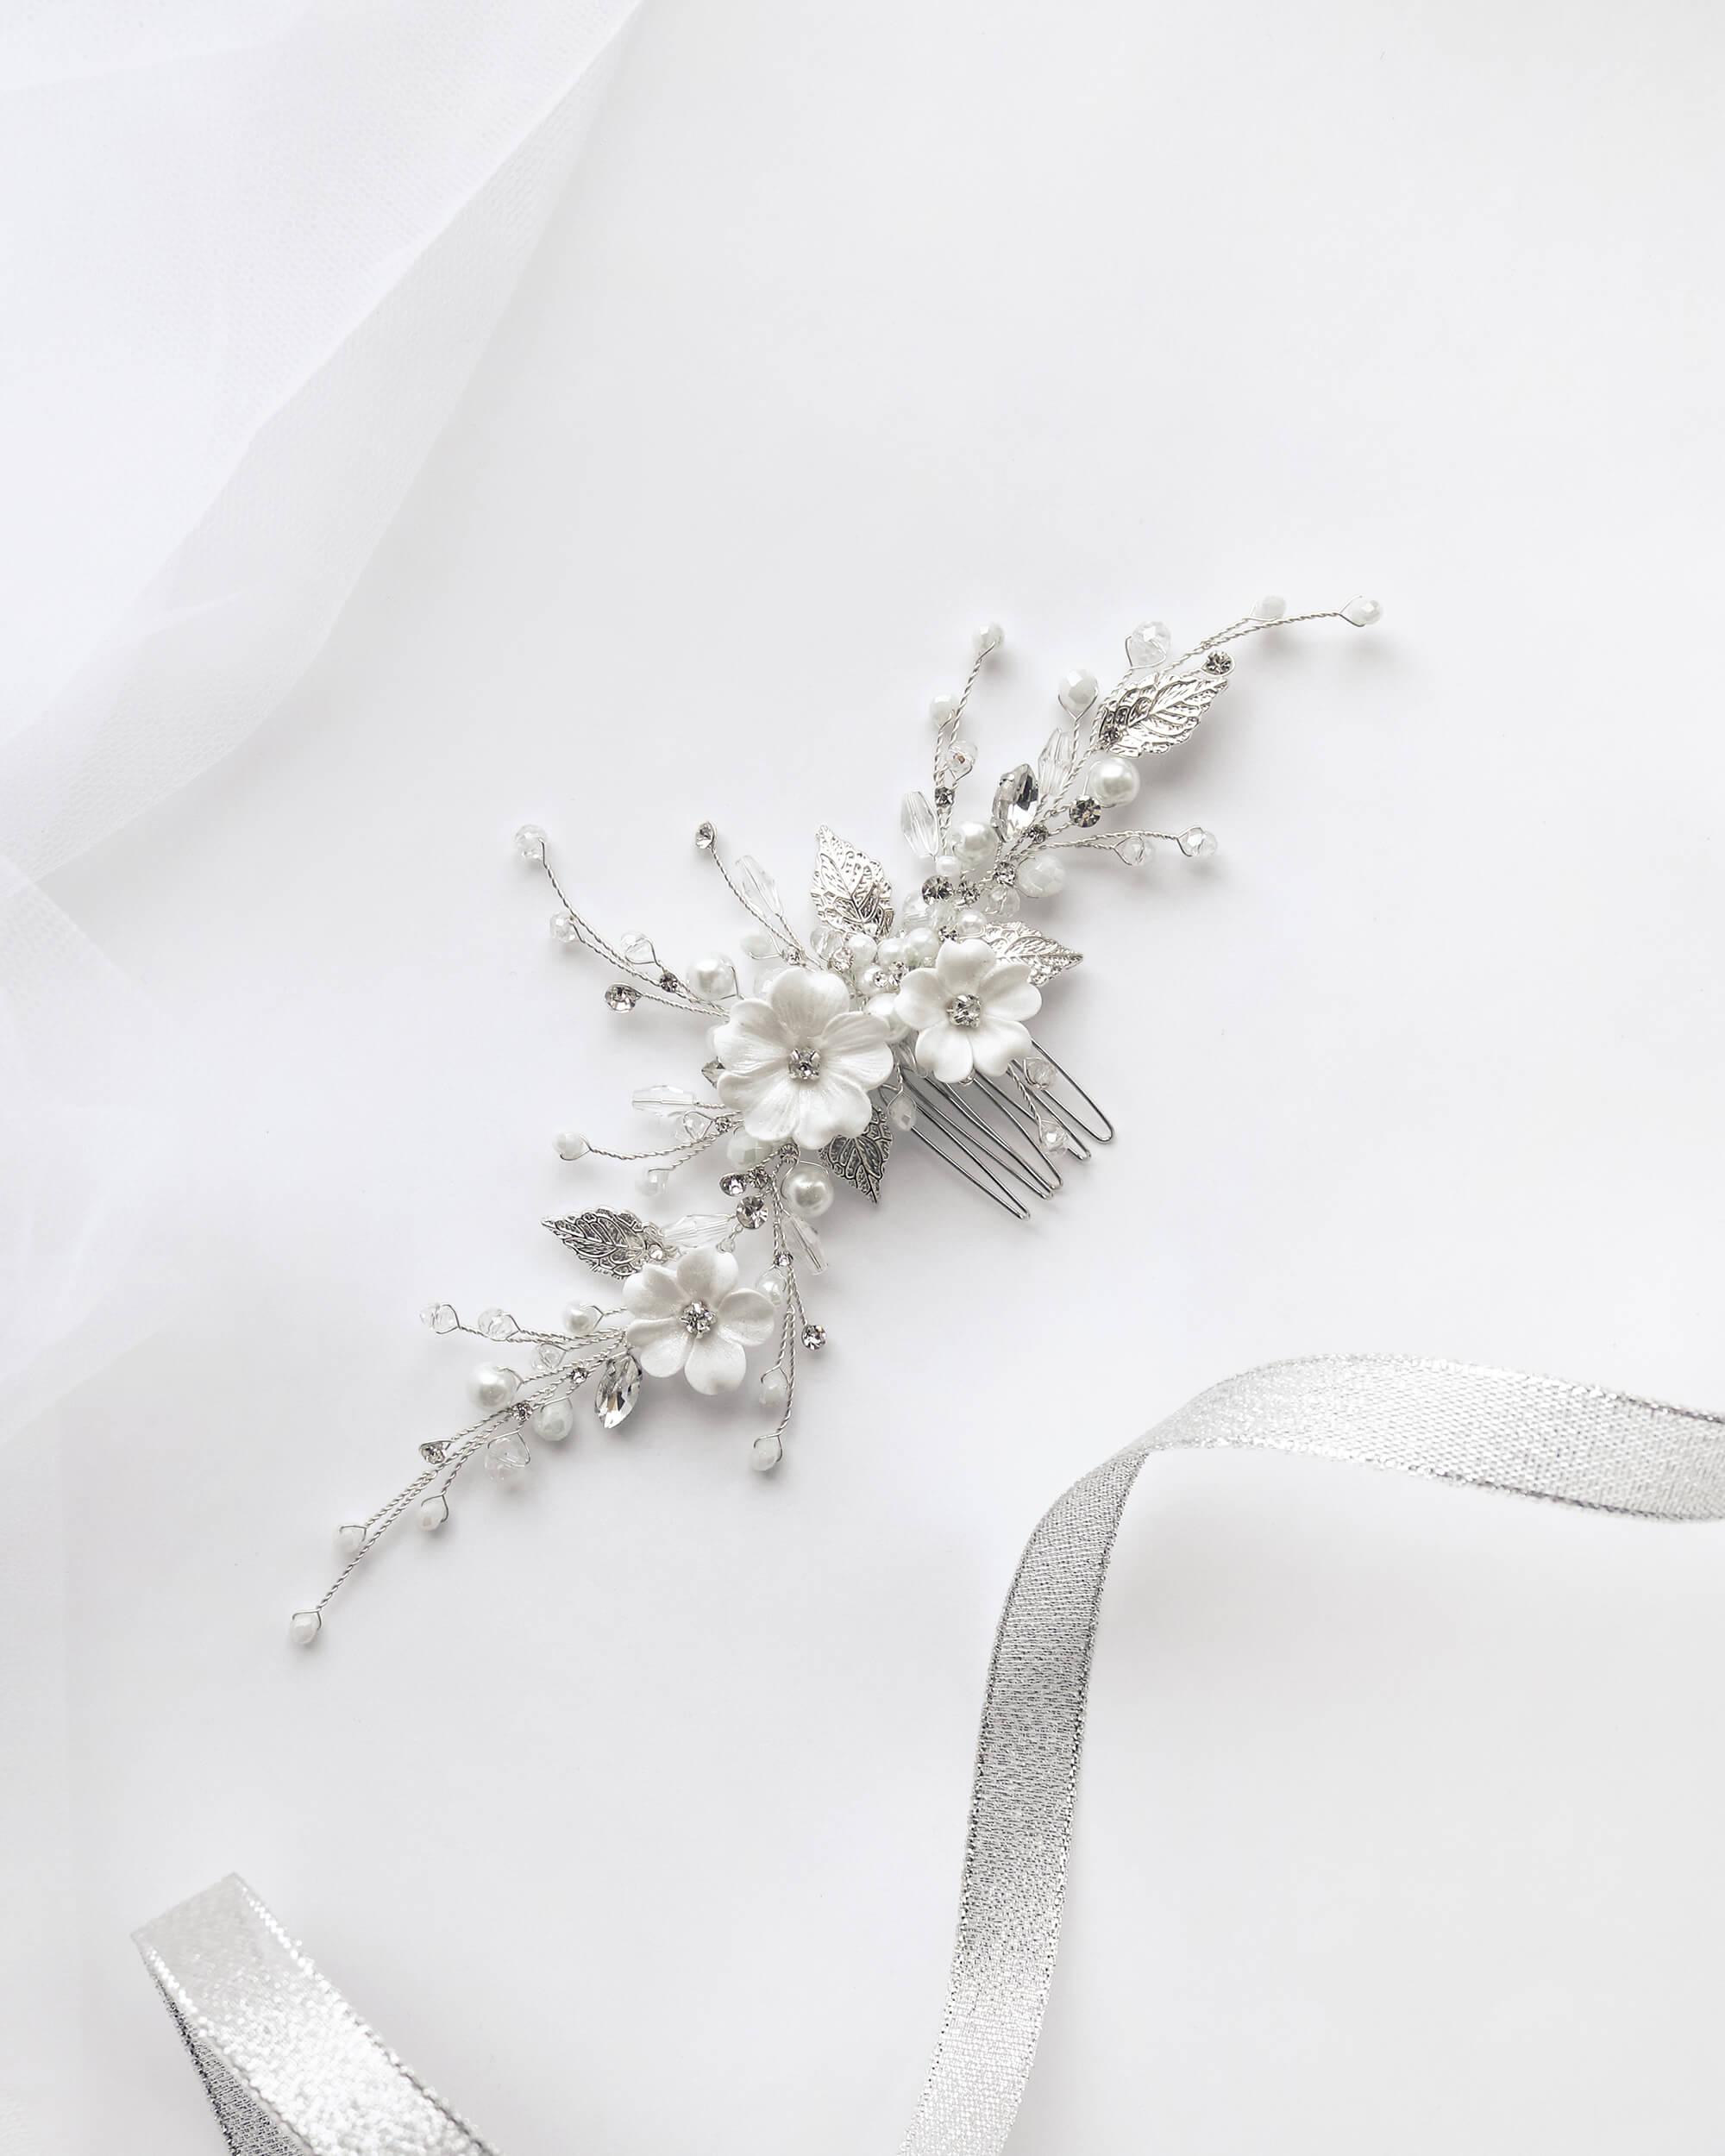 заколки для волос с цветами(2) | Vero